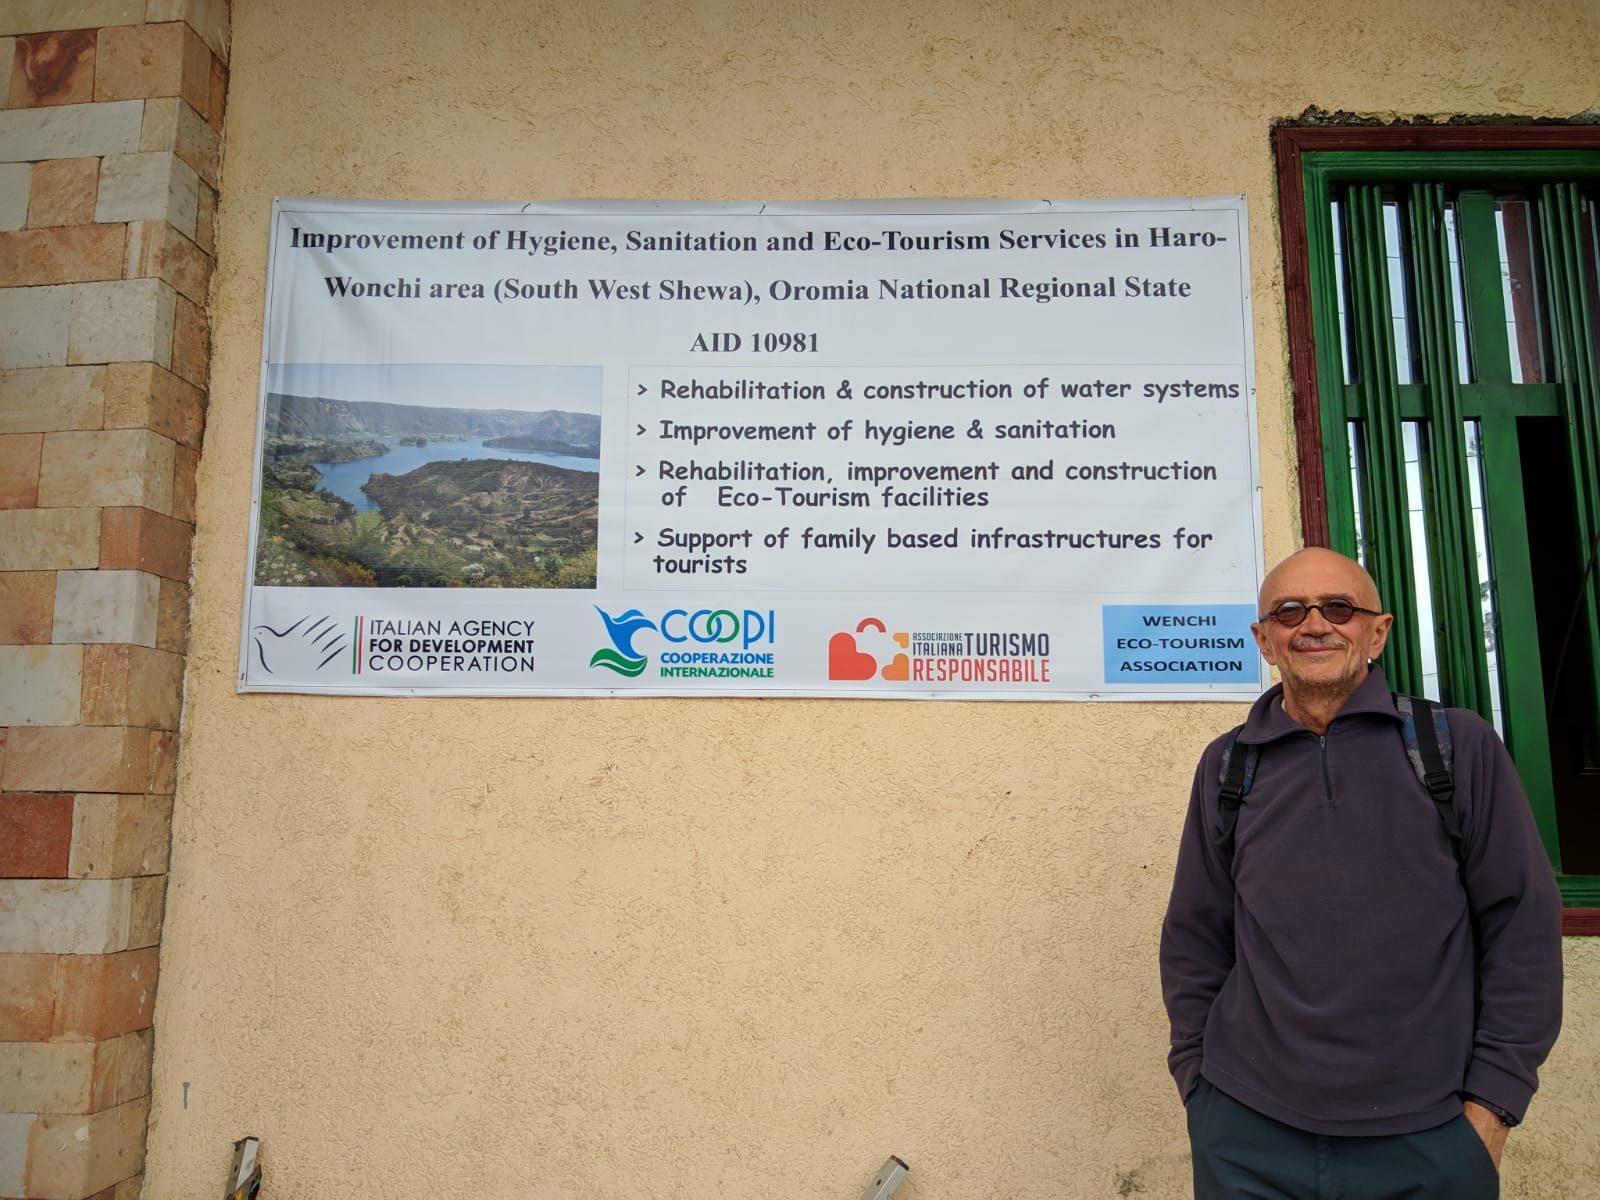 """Progetto Etiopia """"Intervento di miglioramento dei servizi igienico-sanitari ed eco-turistici nella zona di Haro-Wenchi (South West Shewa)"""